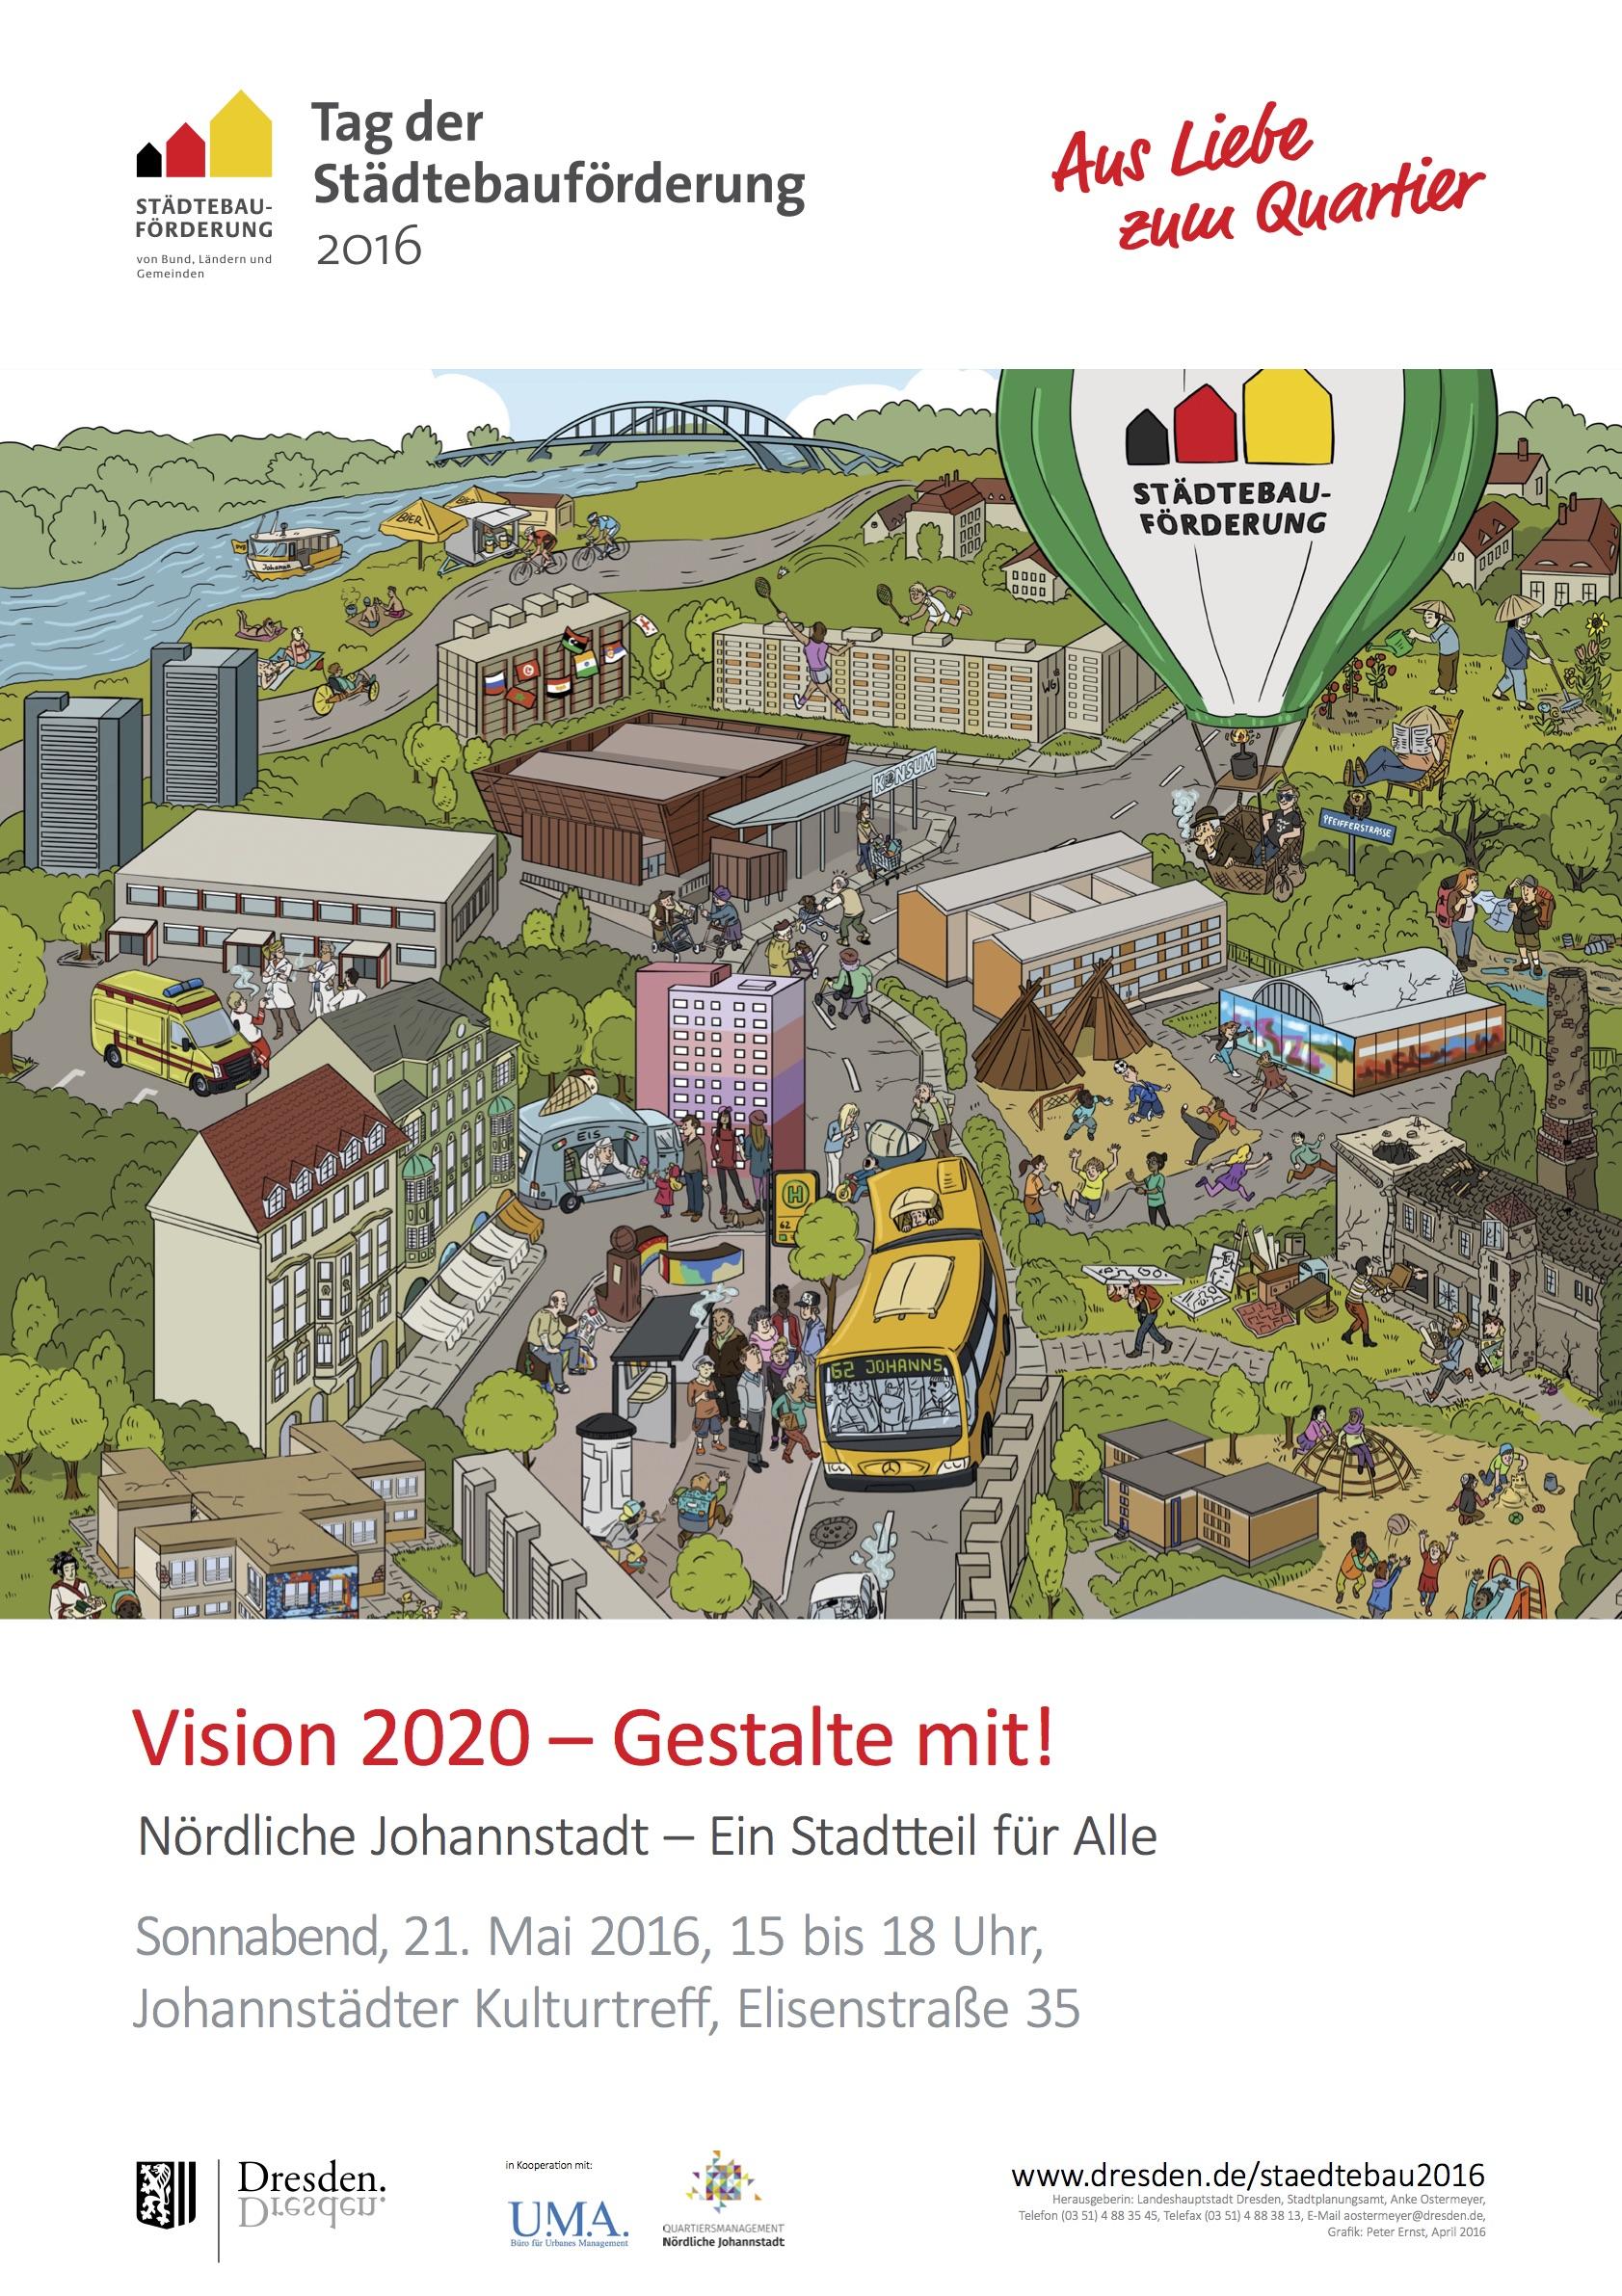 Plakat_Tag_der_Staedtebaufoerderung